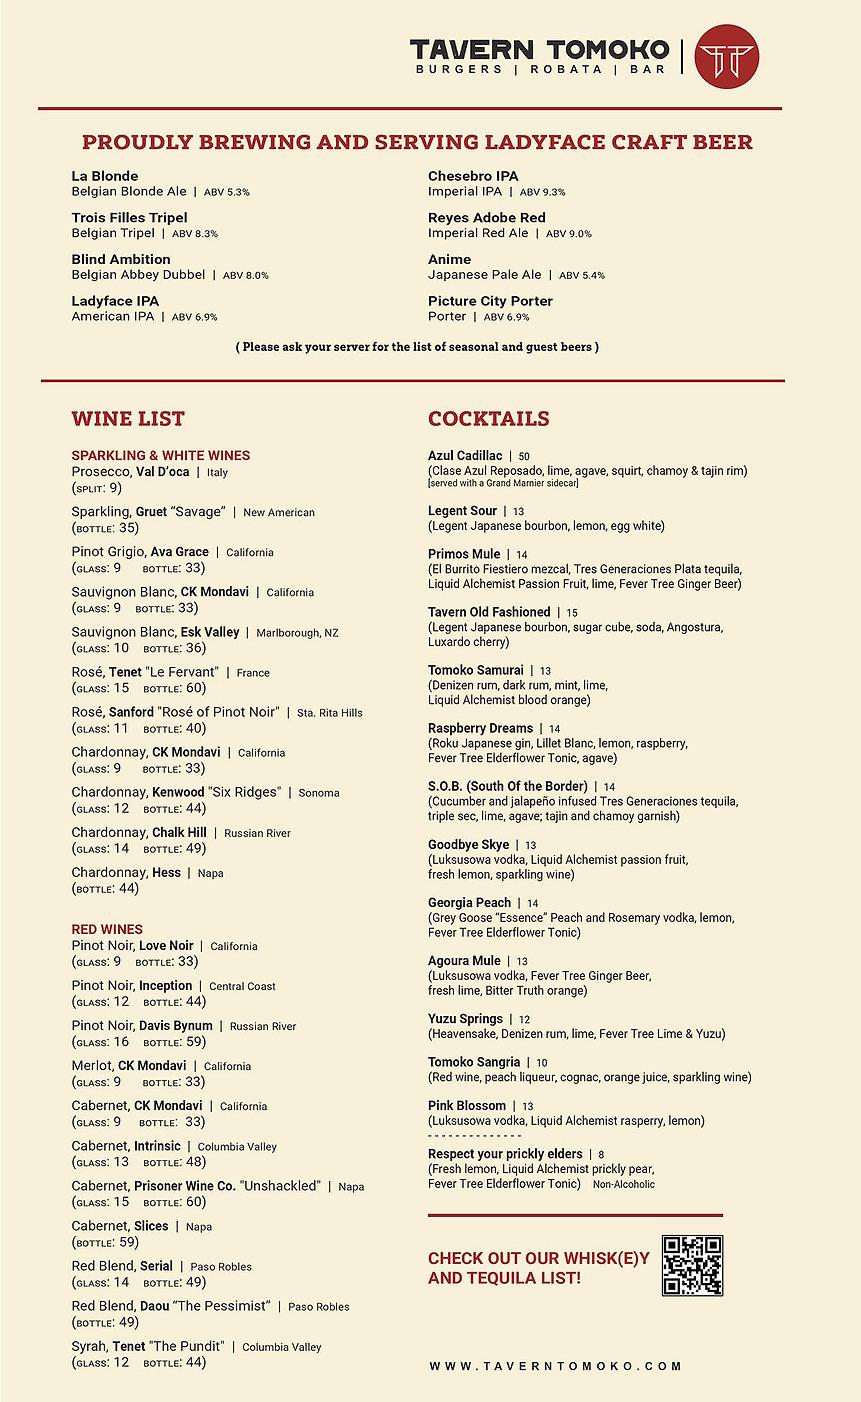 tt-drinks-6-22-21.jpg